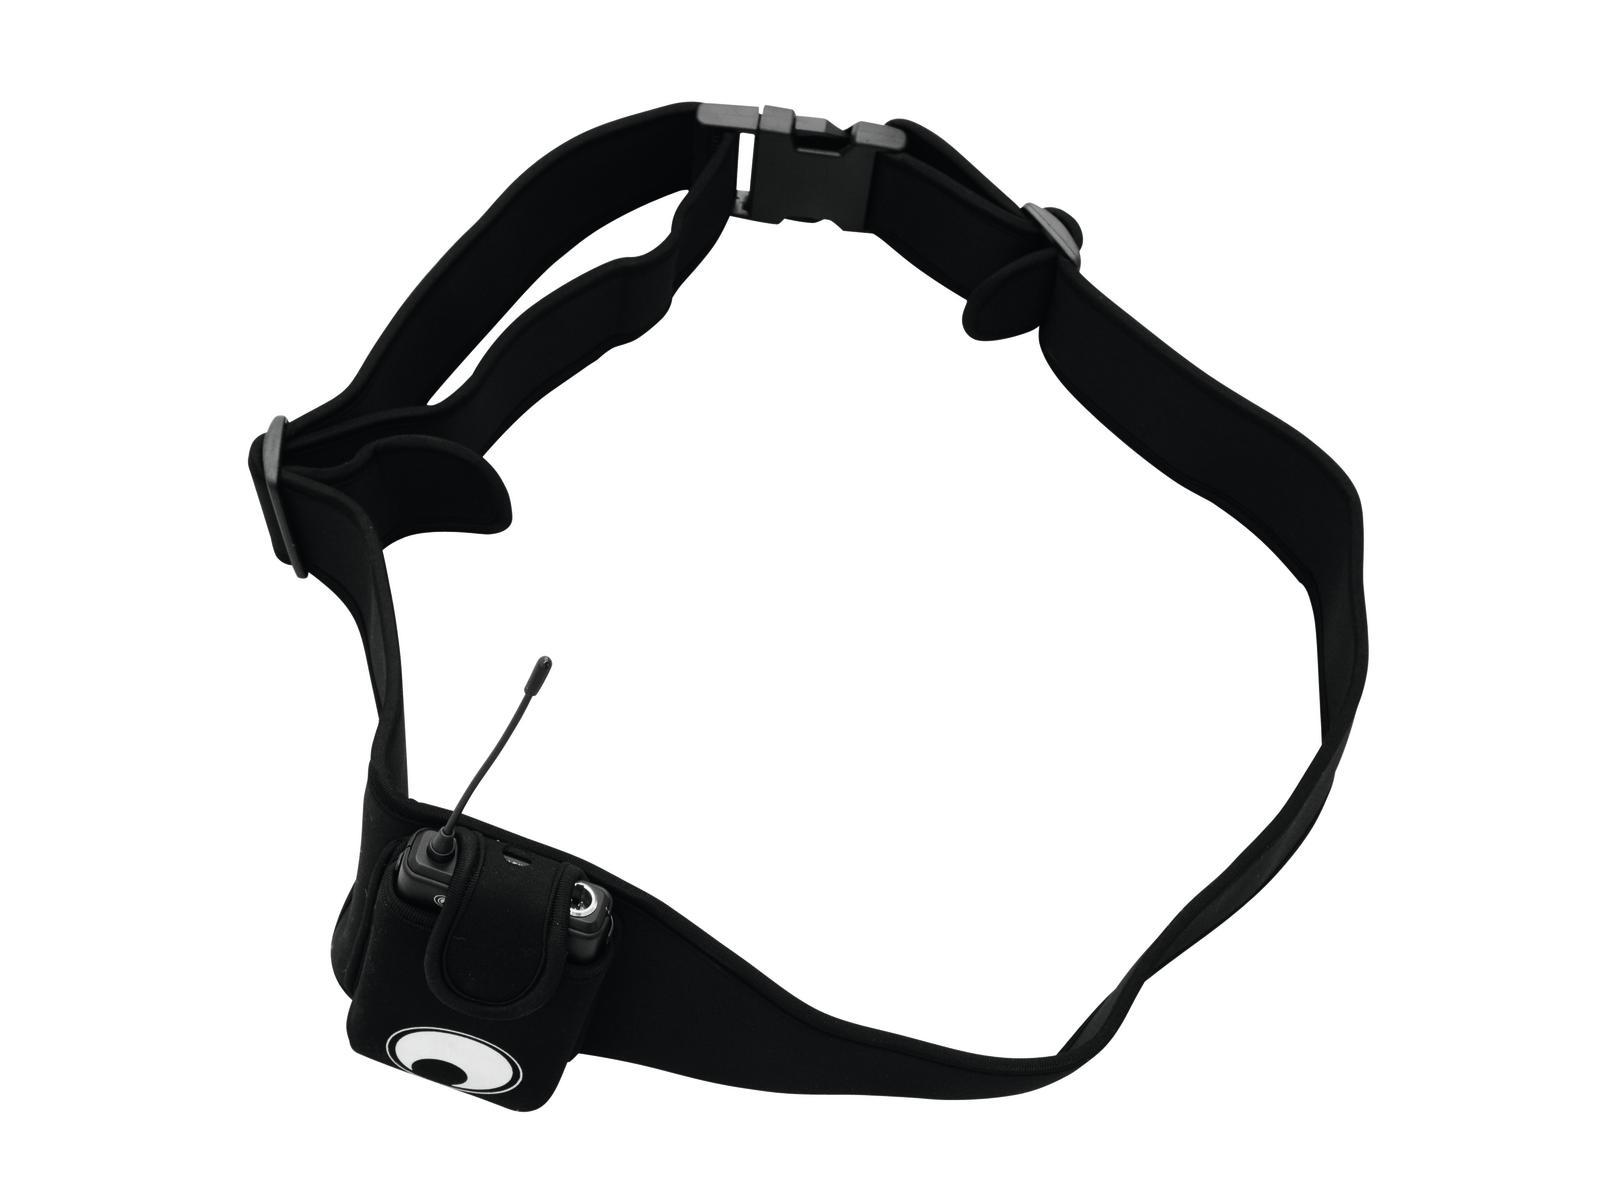 OMNITRONIC Gürtel für Taschenempfänger/Sender